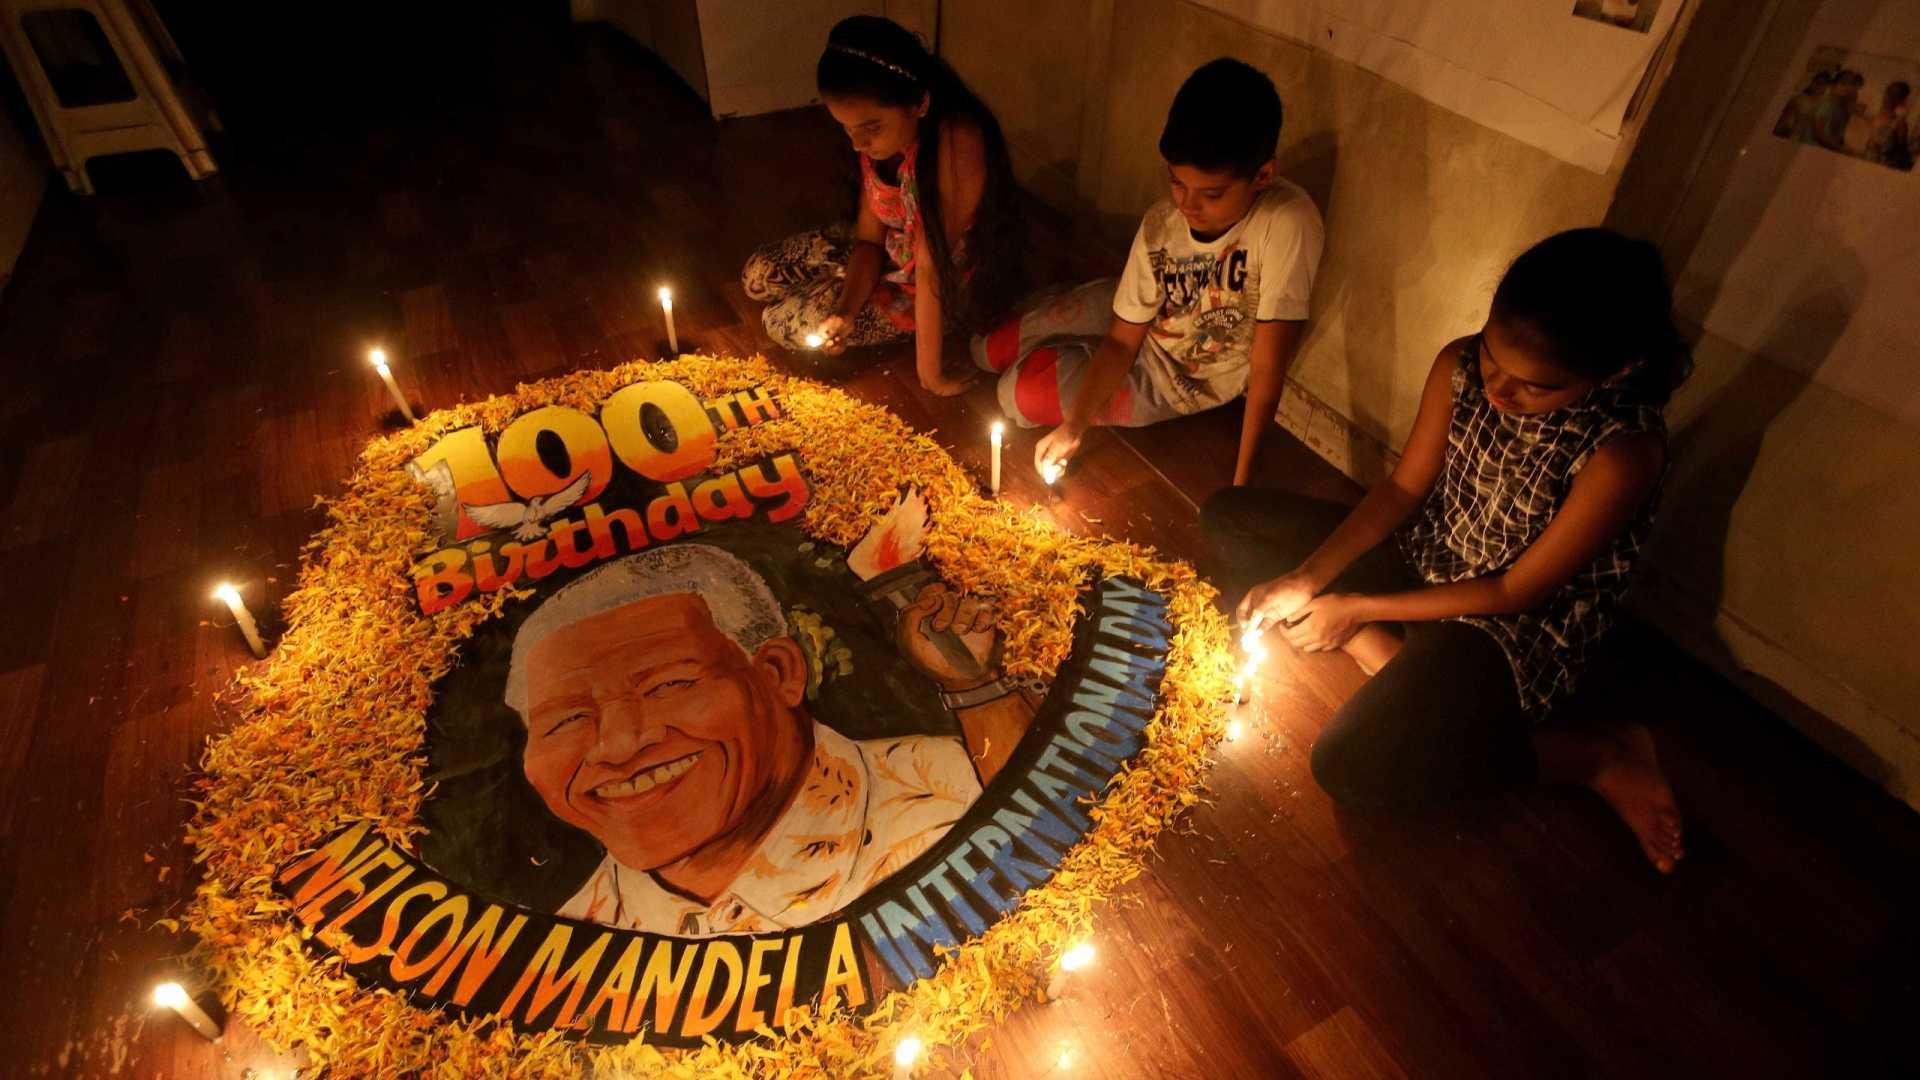 naom 5b4f7e7519106 - Atos de caridade marcam eventos pelo centenário de Mandela